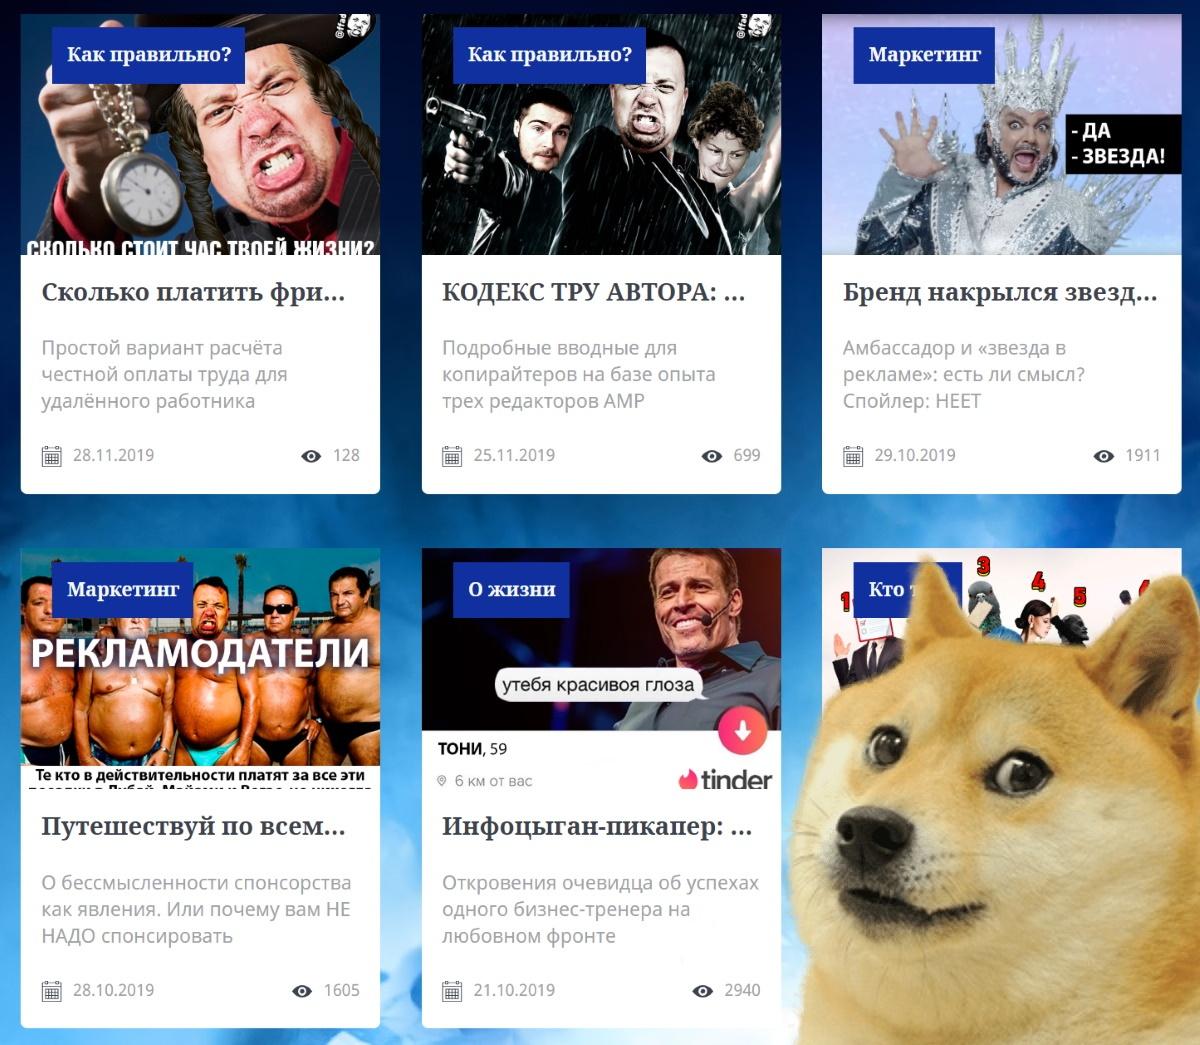 Бизнес и реклама в России — где напитываются правдой